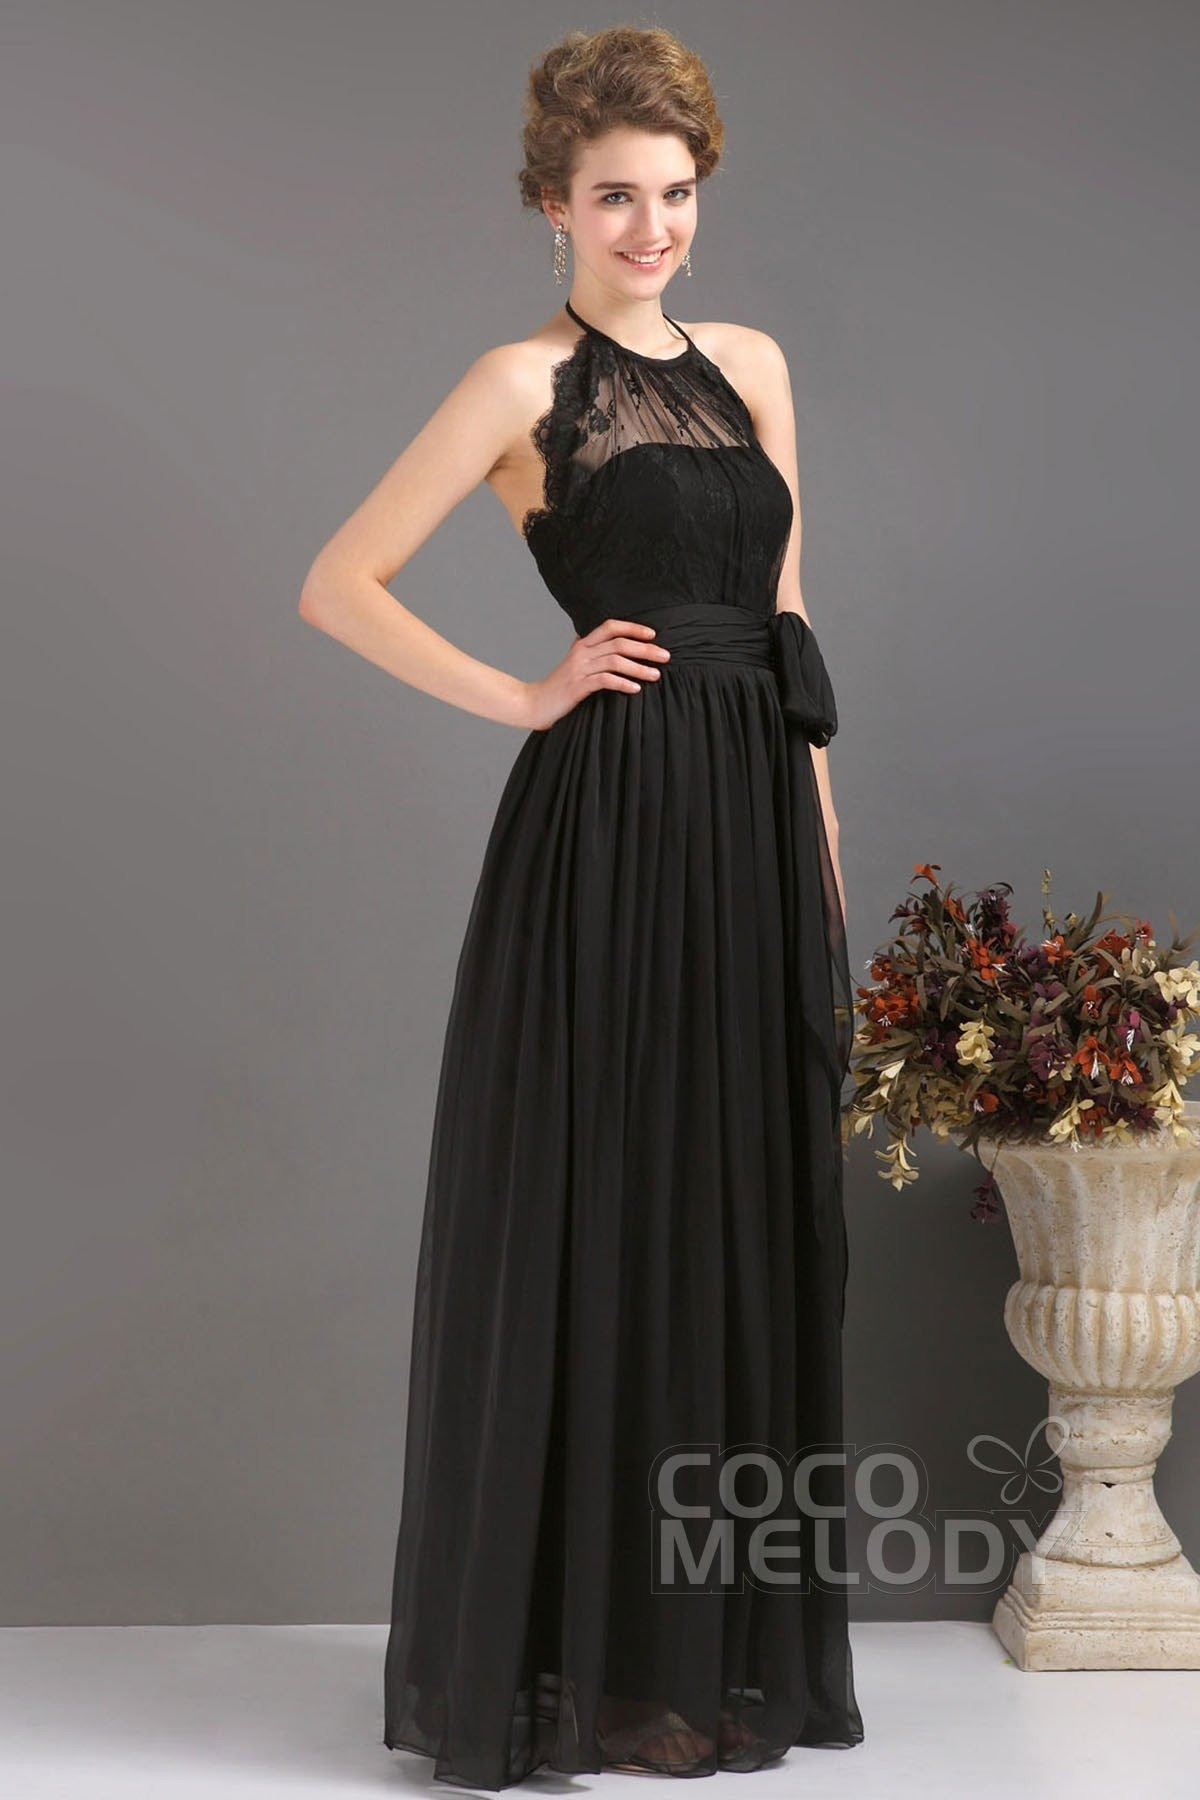 15 Cool Schwarzes Bodenlanges Kleid für 2019Designer Coolste Schwarzes Bodenlanges Kleid Bester Preis